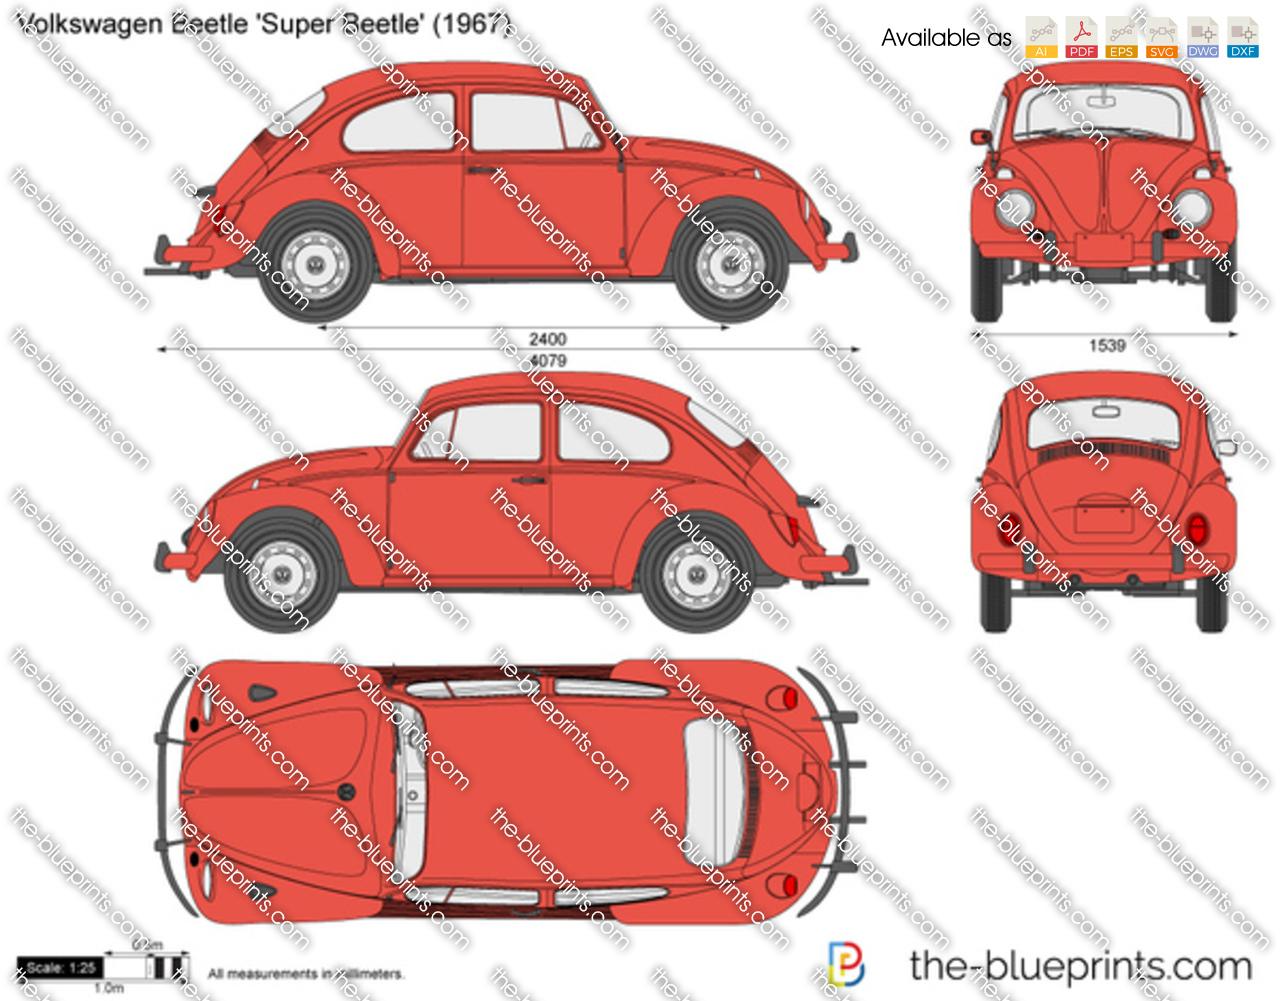 The-Blueprints.com - V...